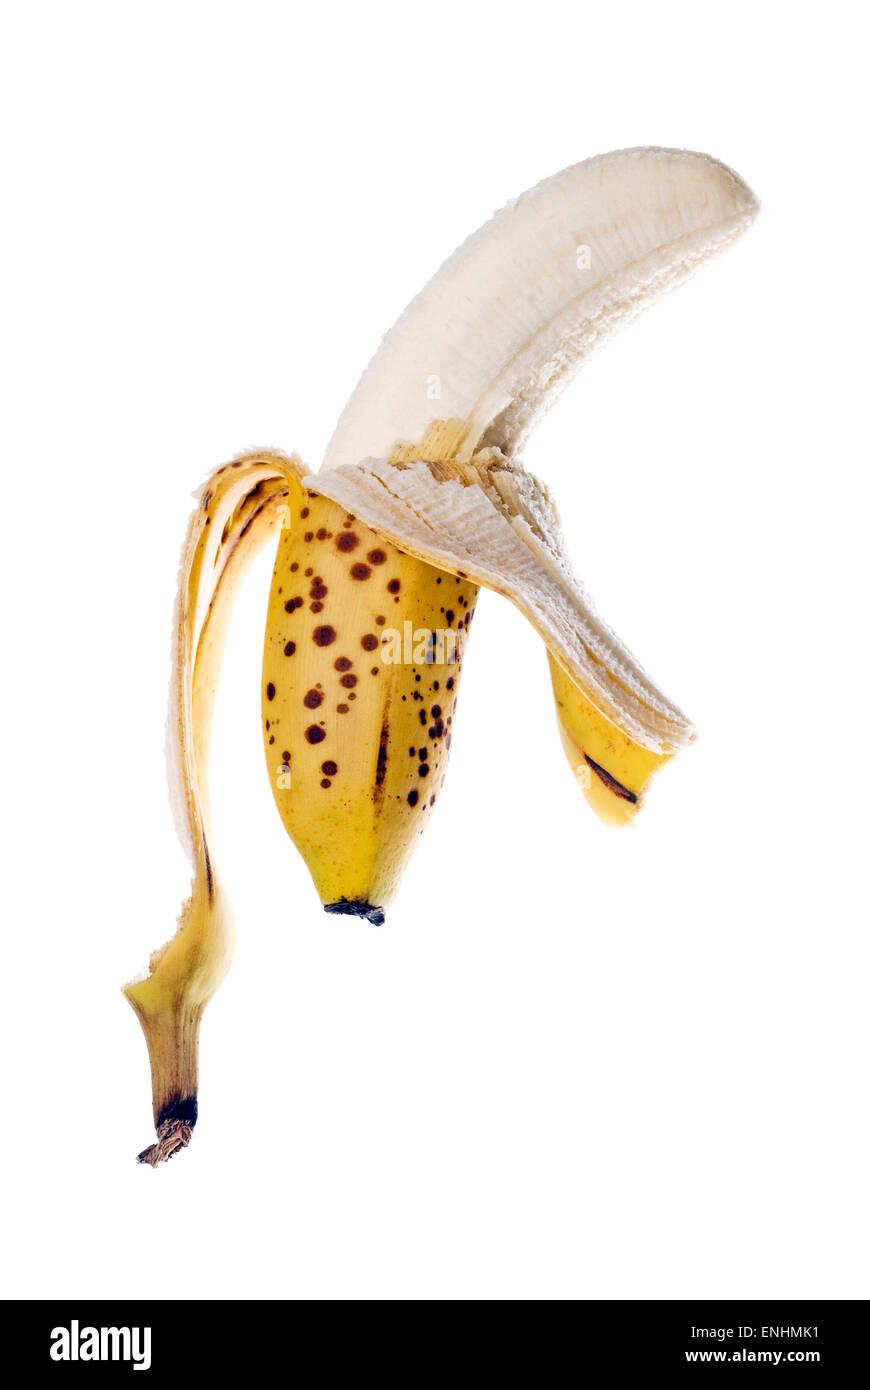 Ripe banana on white background. - Stock Image